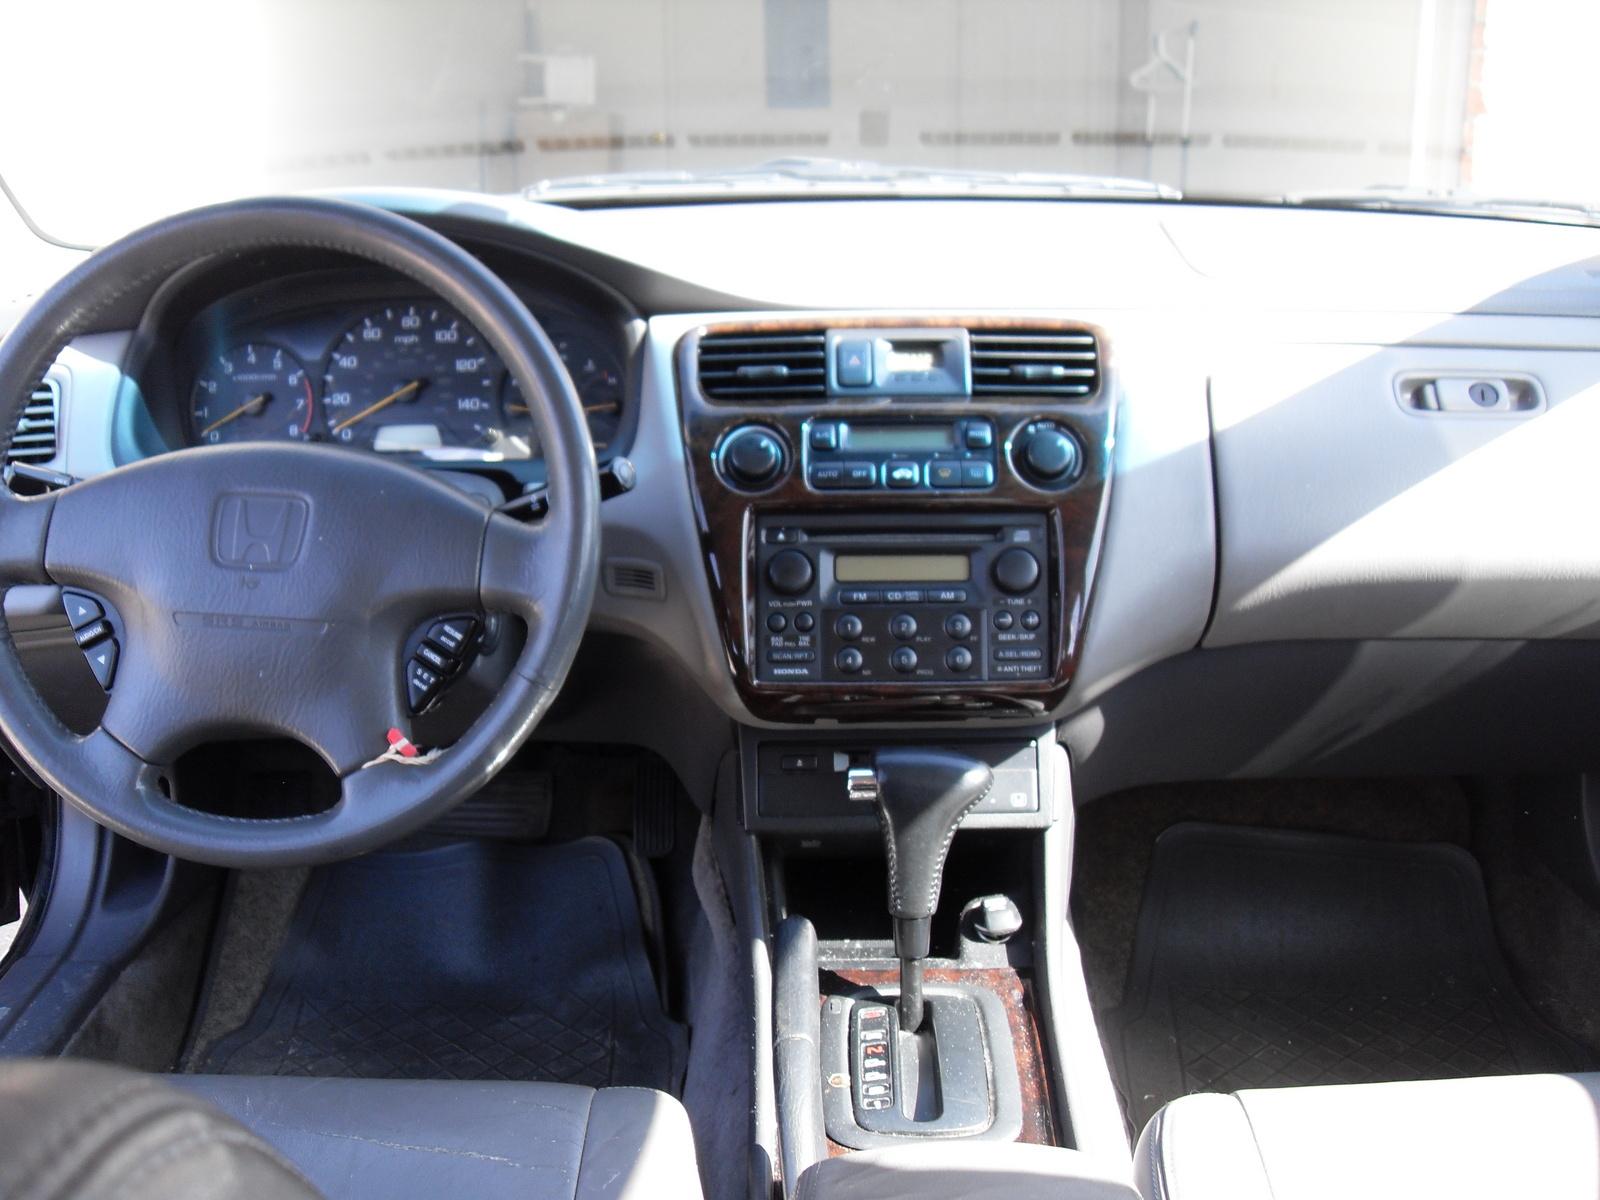 2000 Honda Accord - Interior Pictures - CarGurus